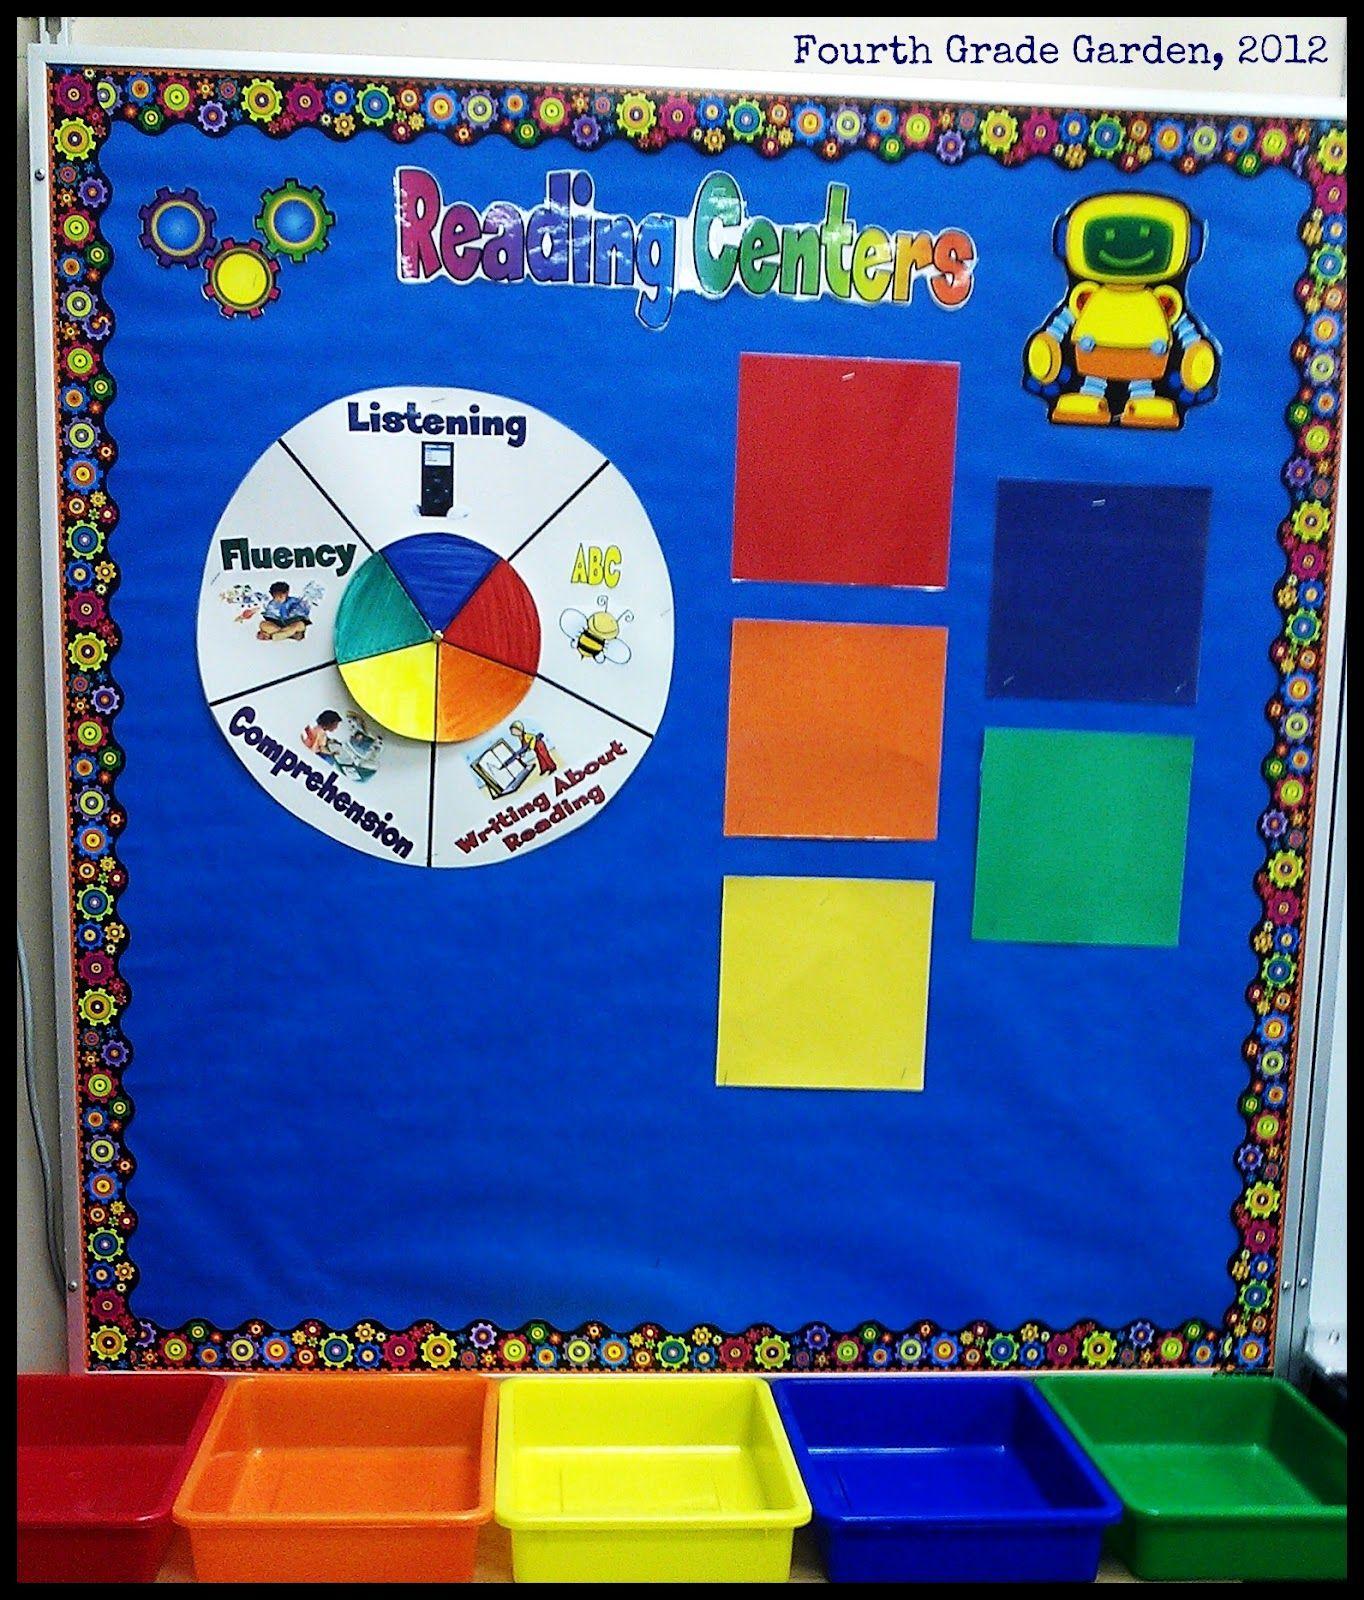 Fourth Grade Garden Reading Center Wheel